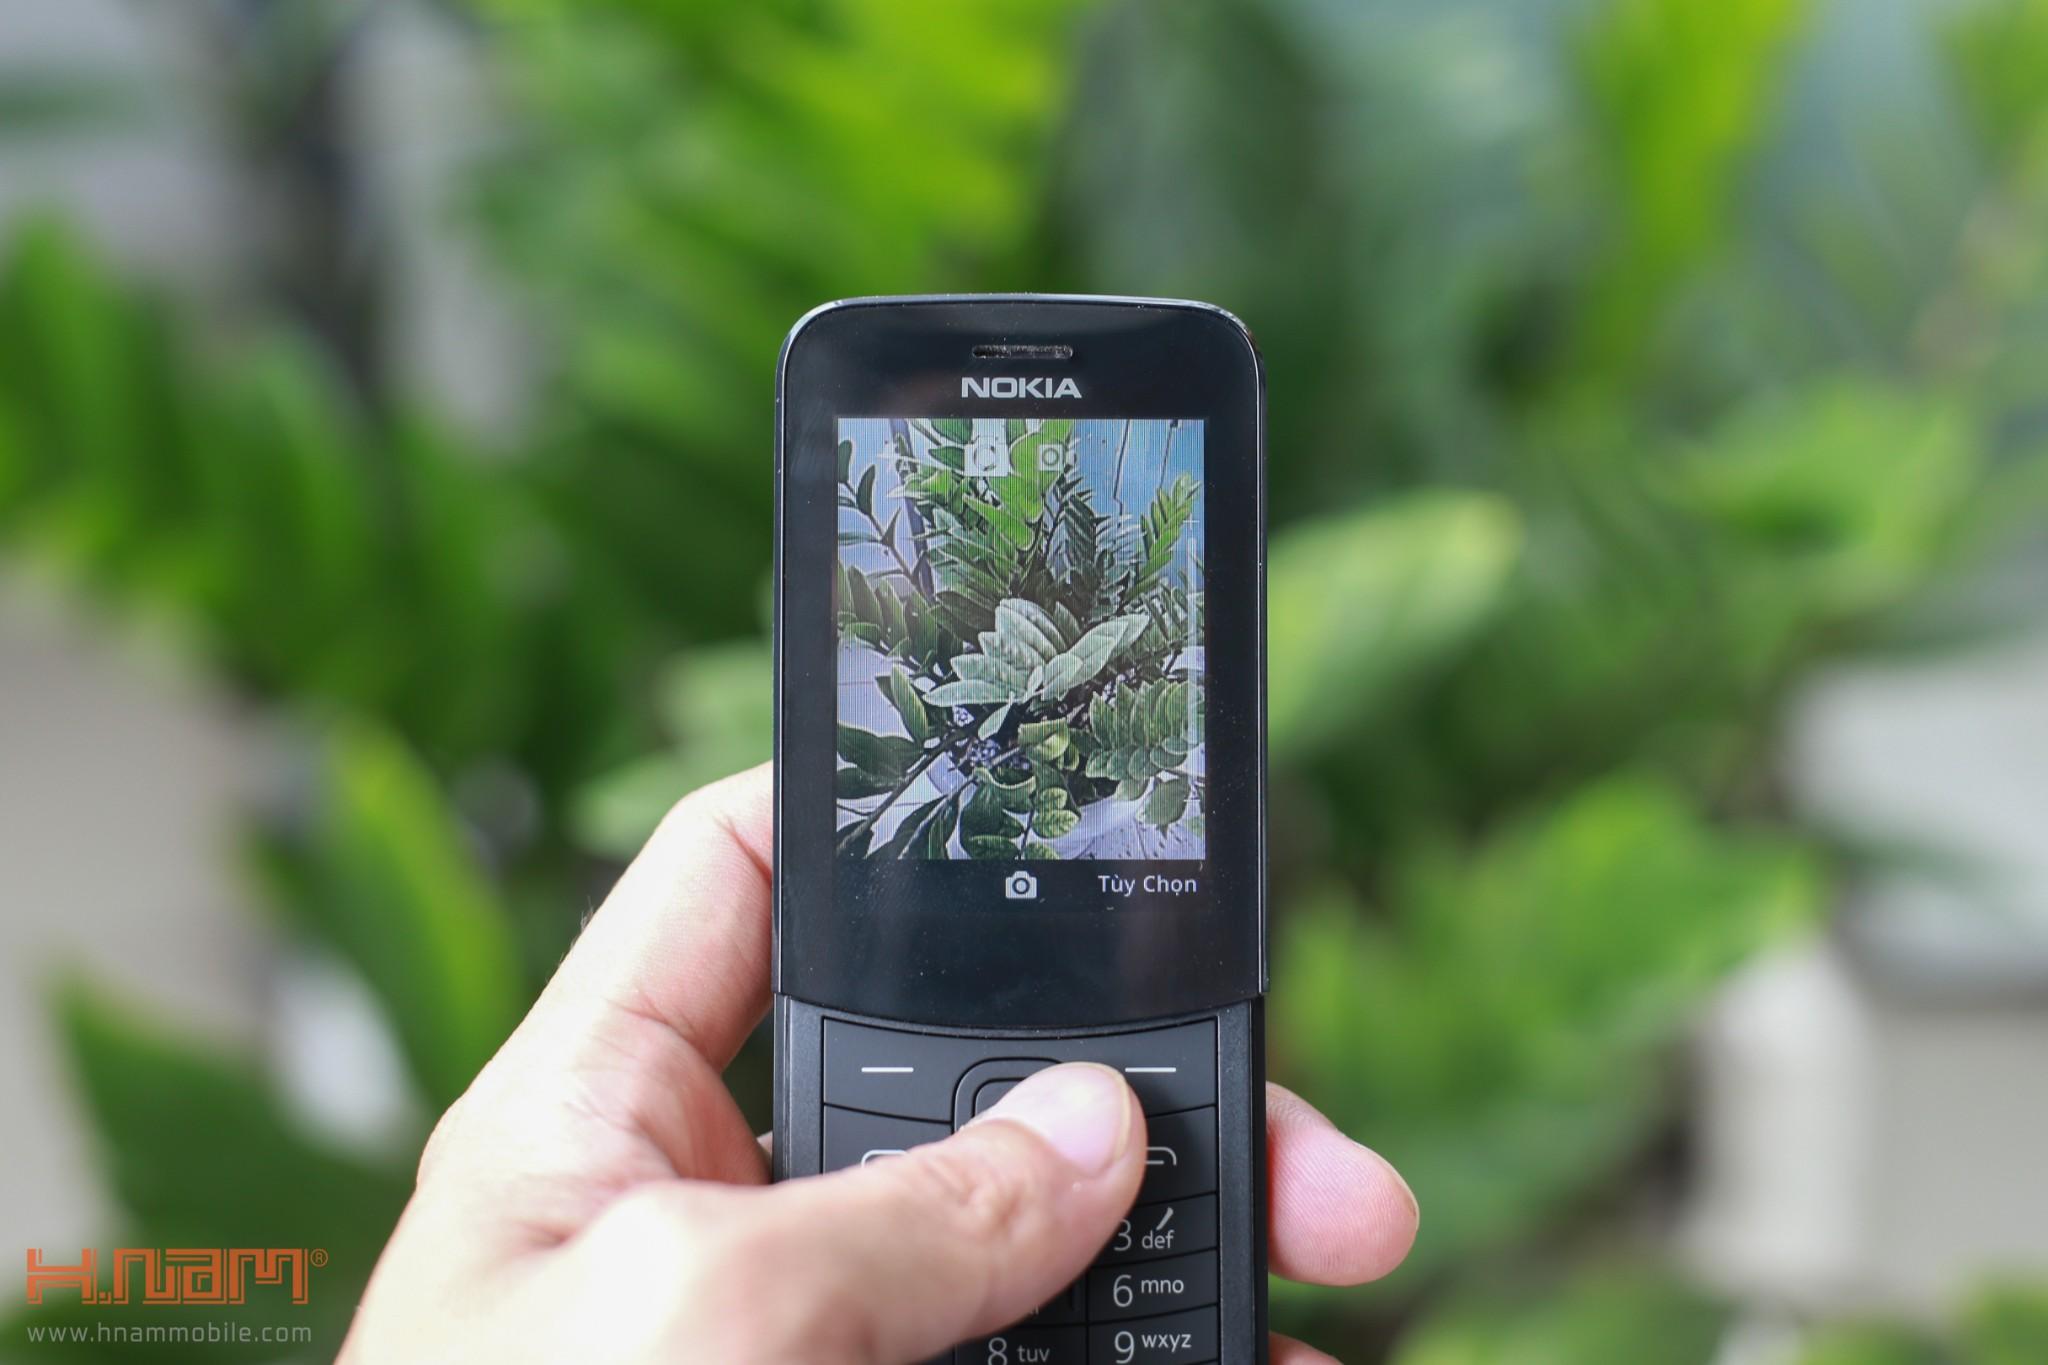 Trên tay Nokia 8110 chuối: Thiết kế siêu cute, phát 4G, giá 1.7 triệu đồng hình 9